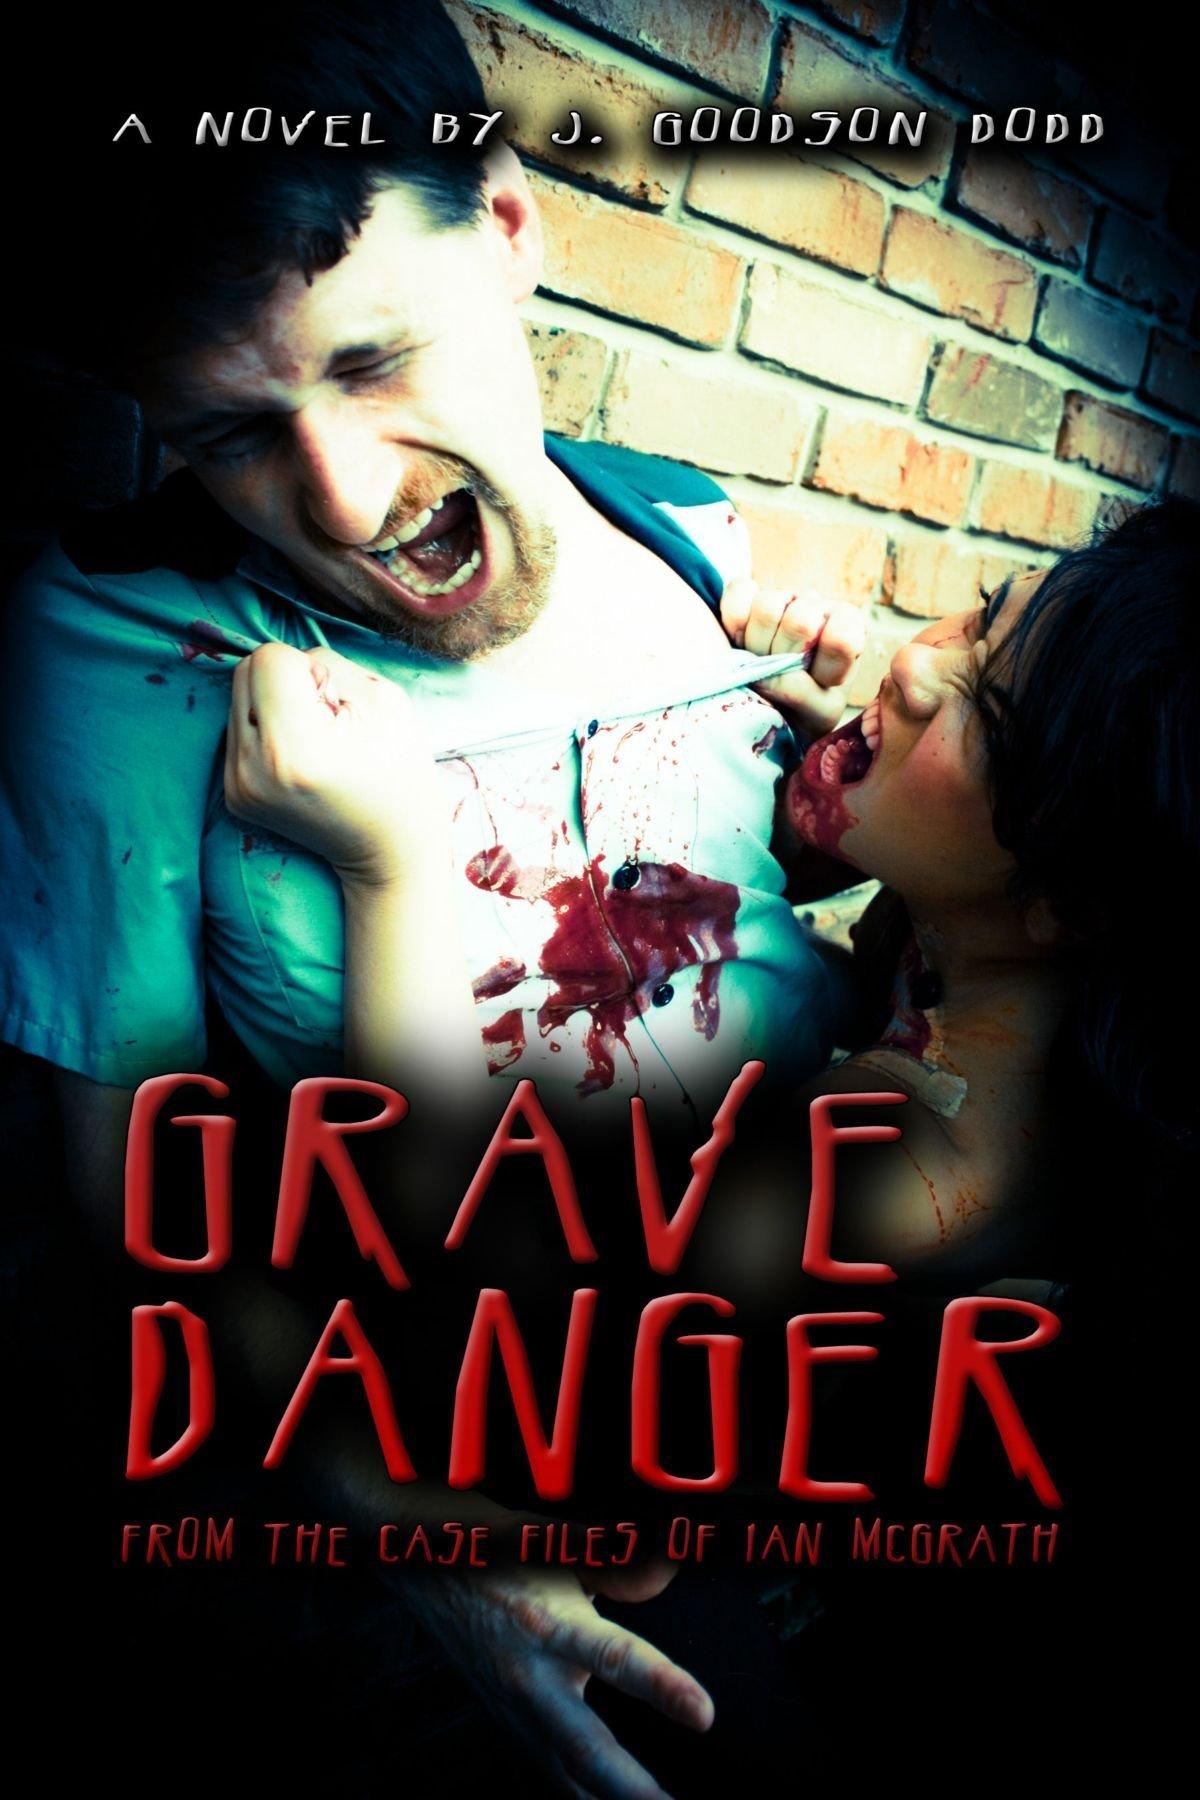 Grave Danger : From The Case Files of Ian McGrath J. Goodson Dodd